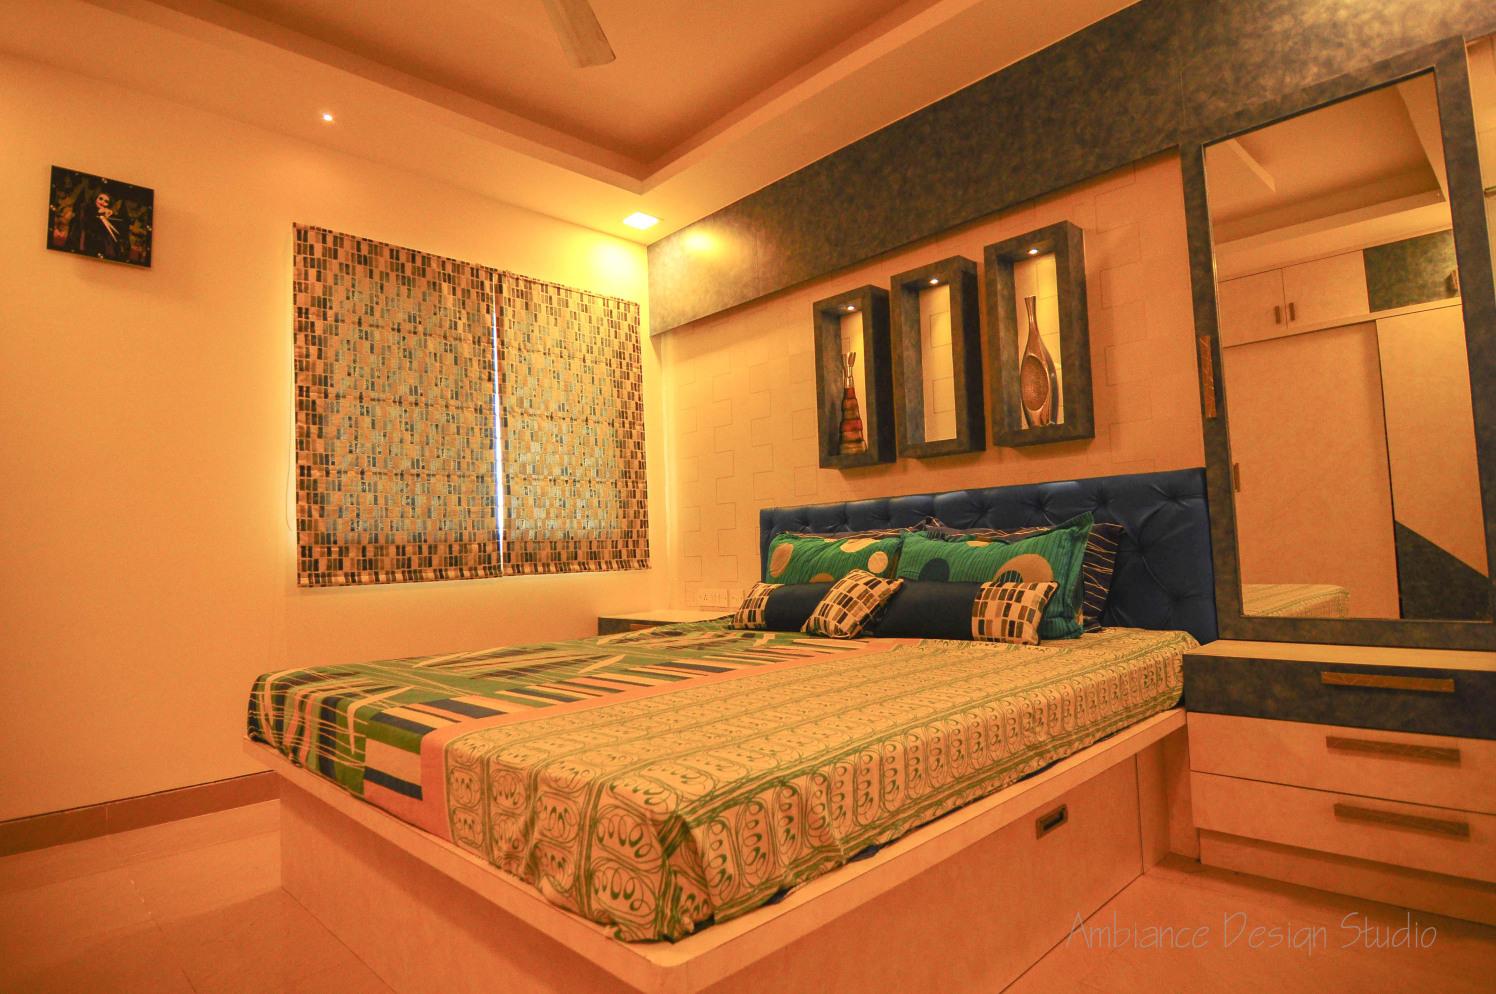 Royal Bliss by Manasa Bharadwaj Bedroom Contemporary   Interior Design Photos & Ideas